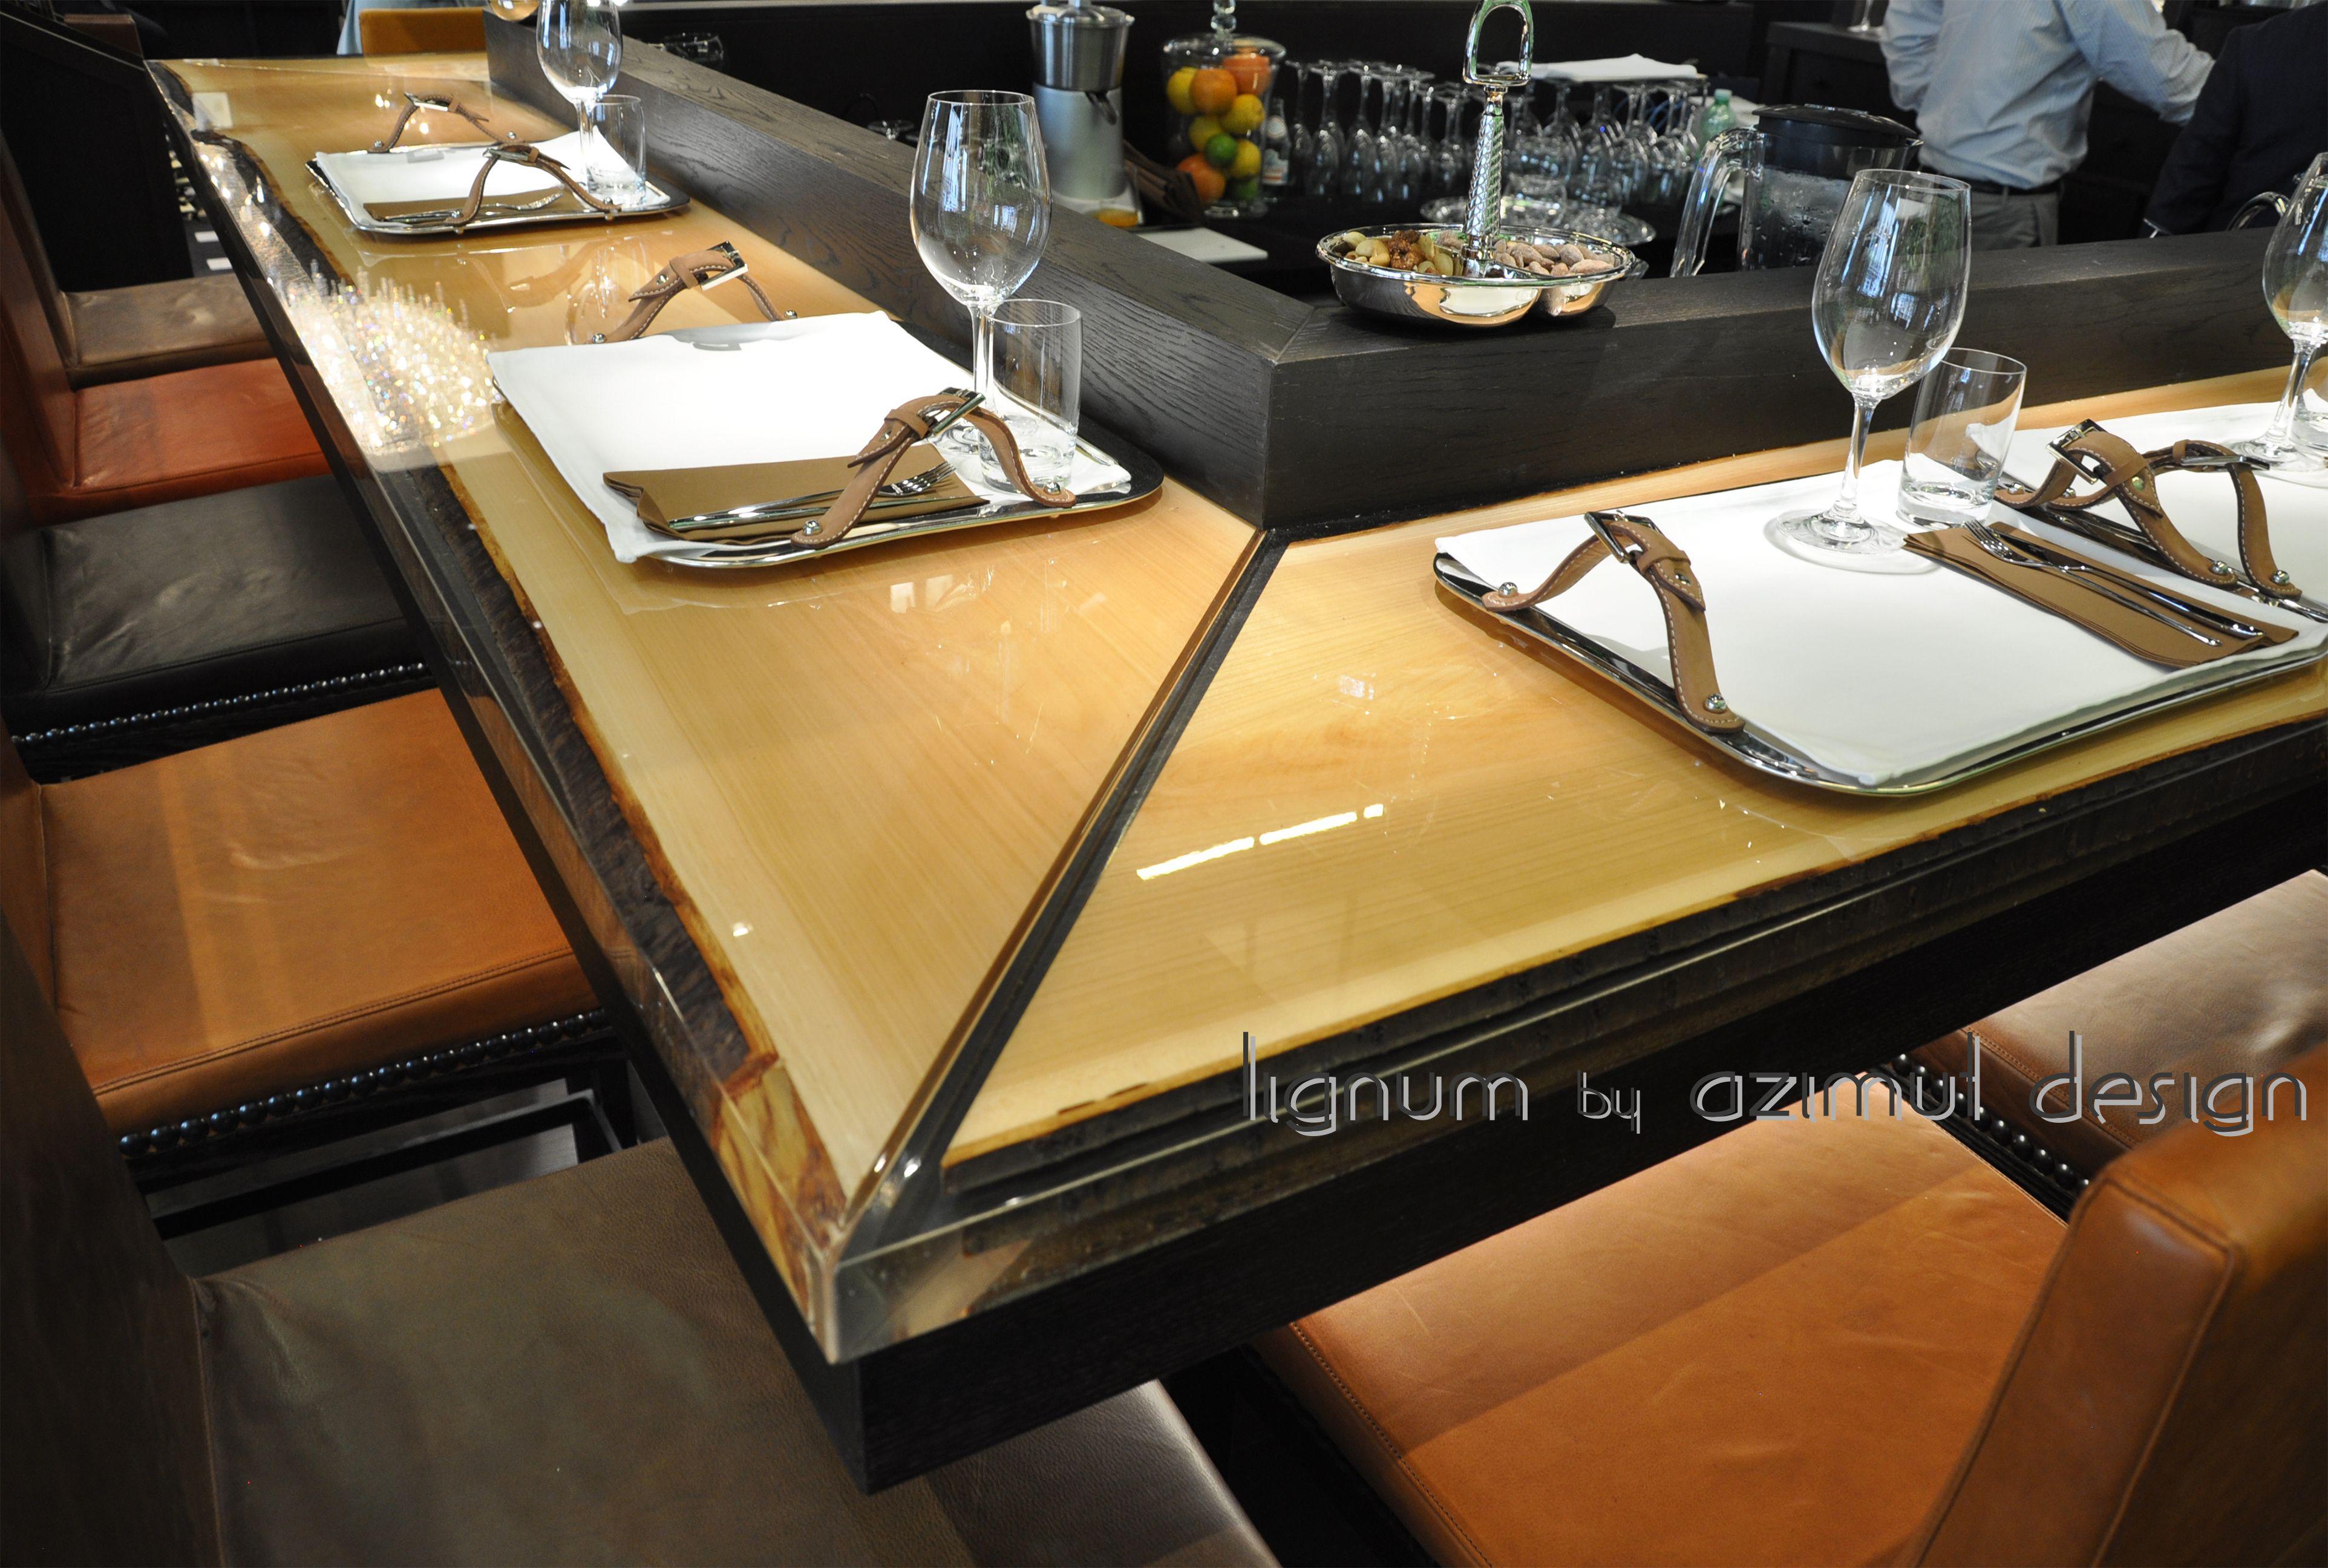 Tavoli In Legno E Resina E Oggetti D Arte Azimut Design Design Epossidico Banconi